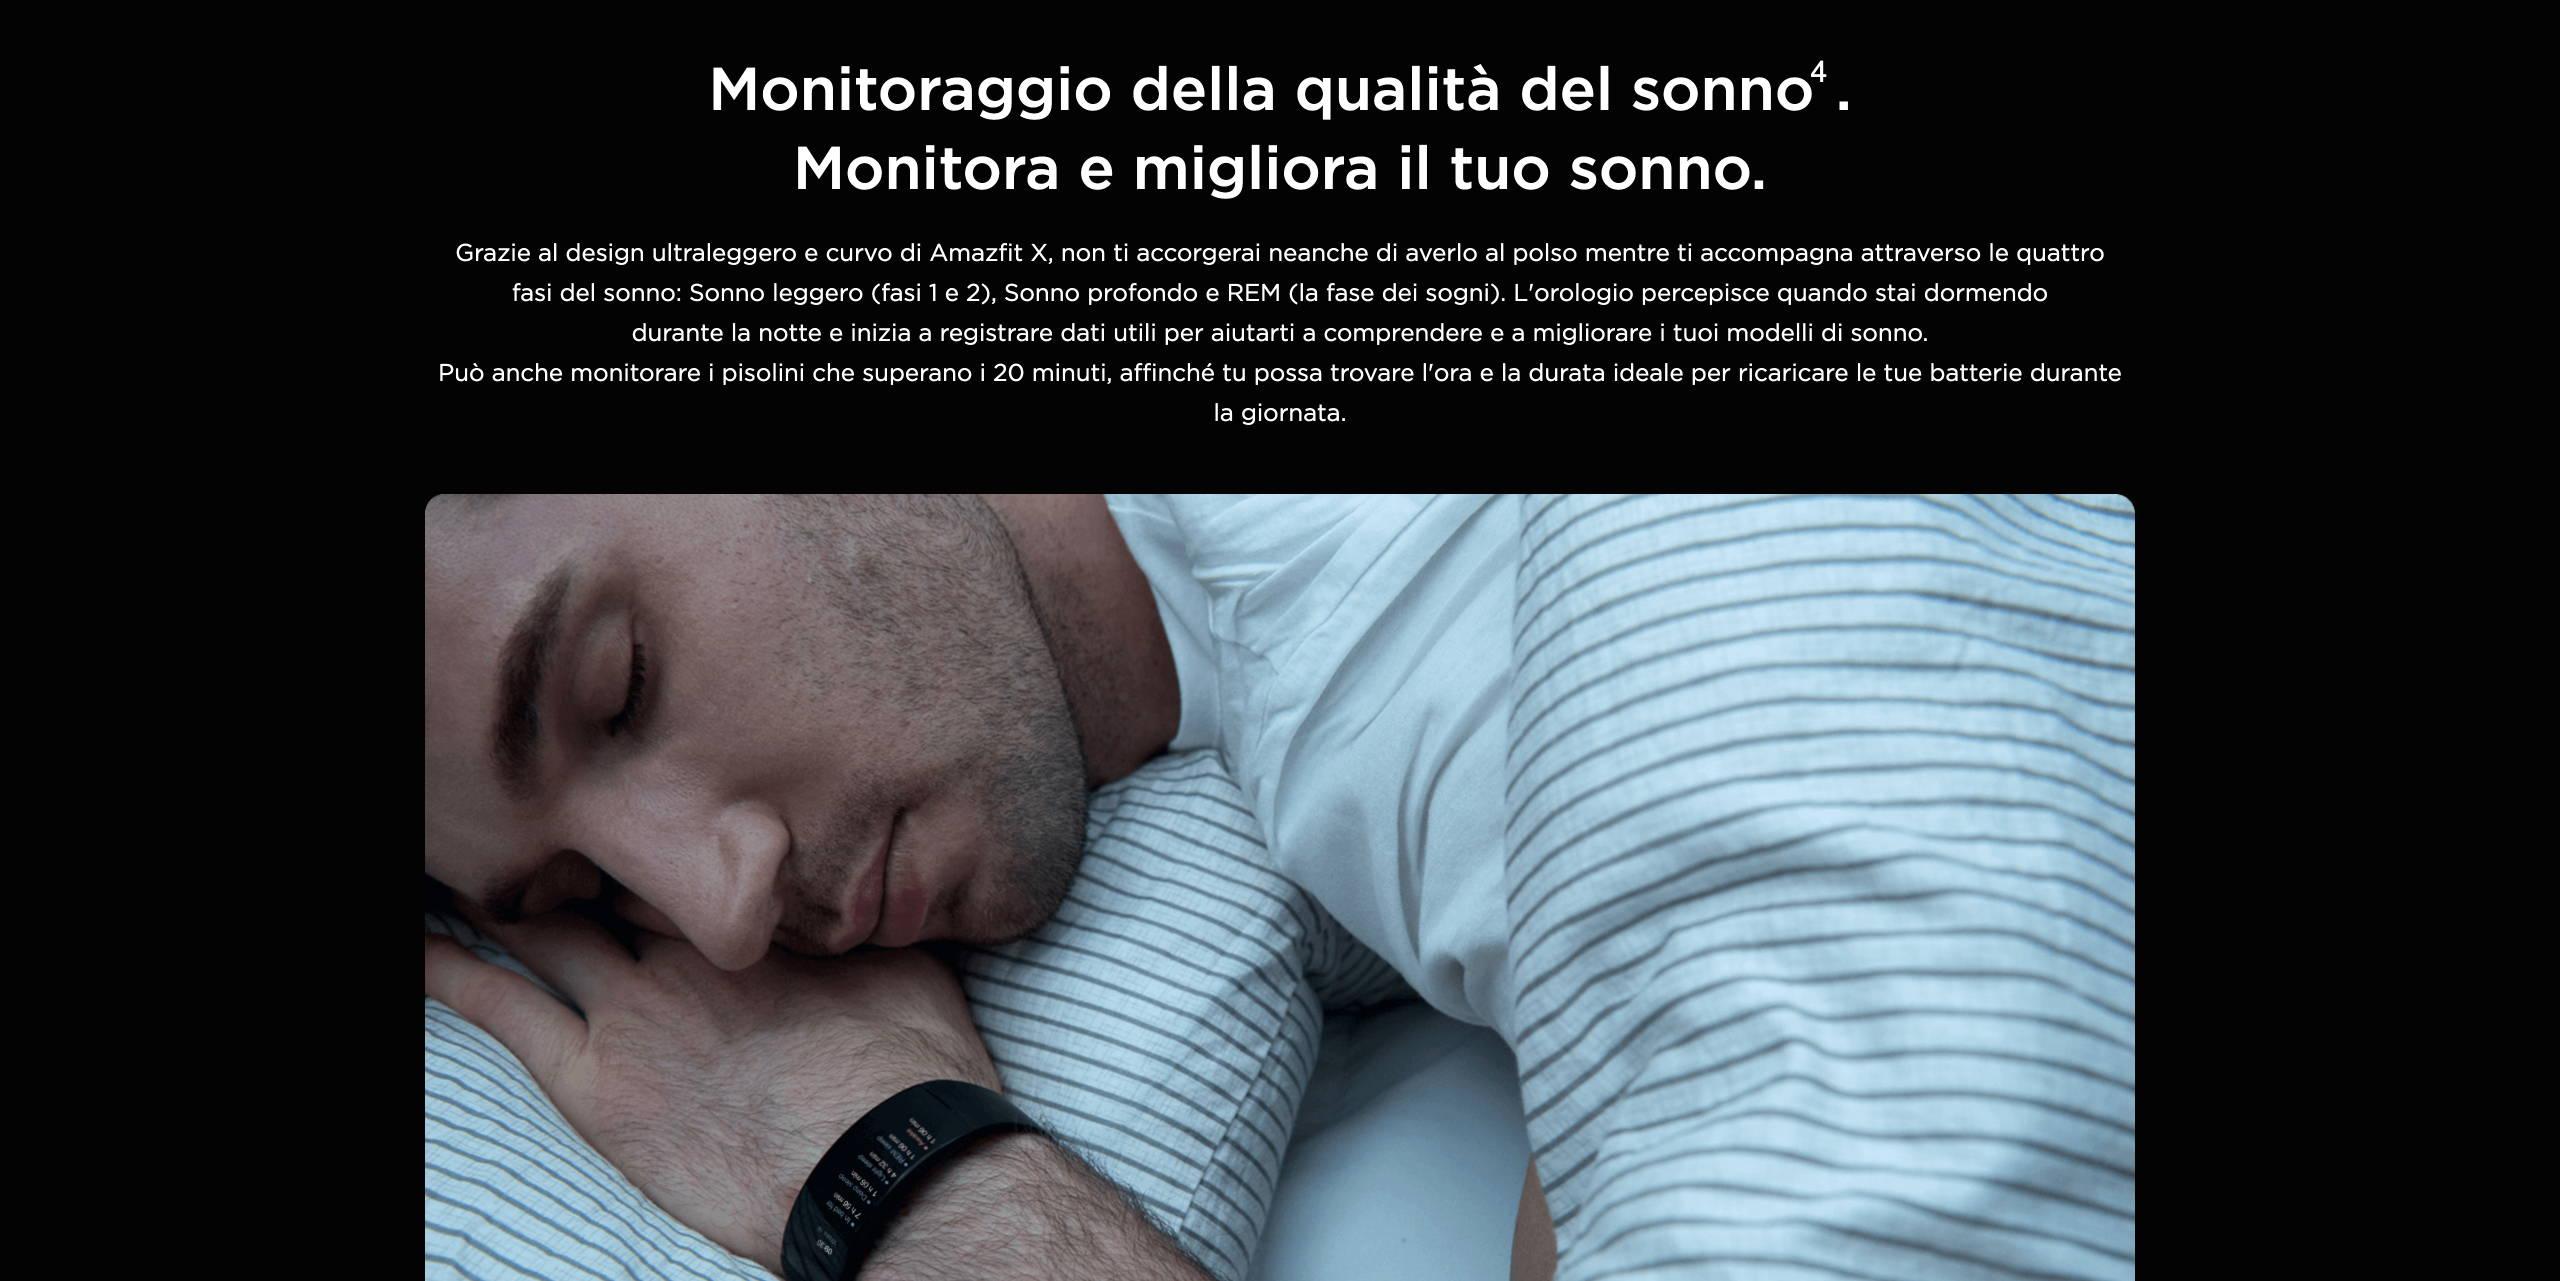 Amazfit X - Monitoraggio della qualità del sonno. Monitora e migliora il tuo sonno.